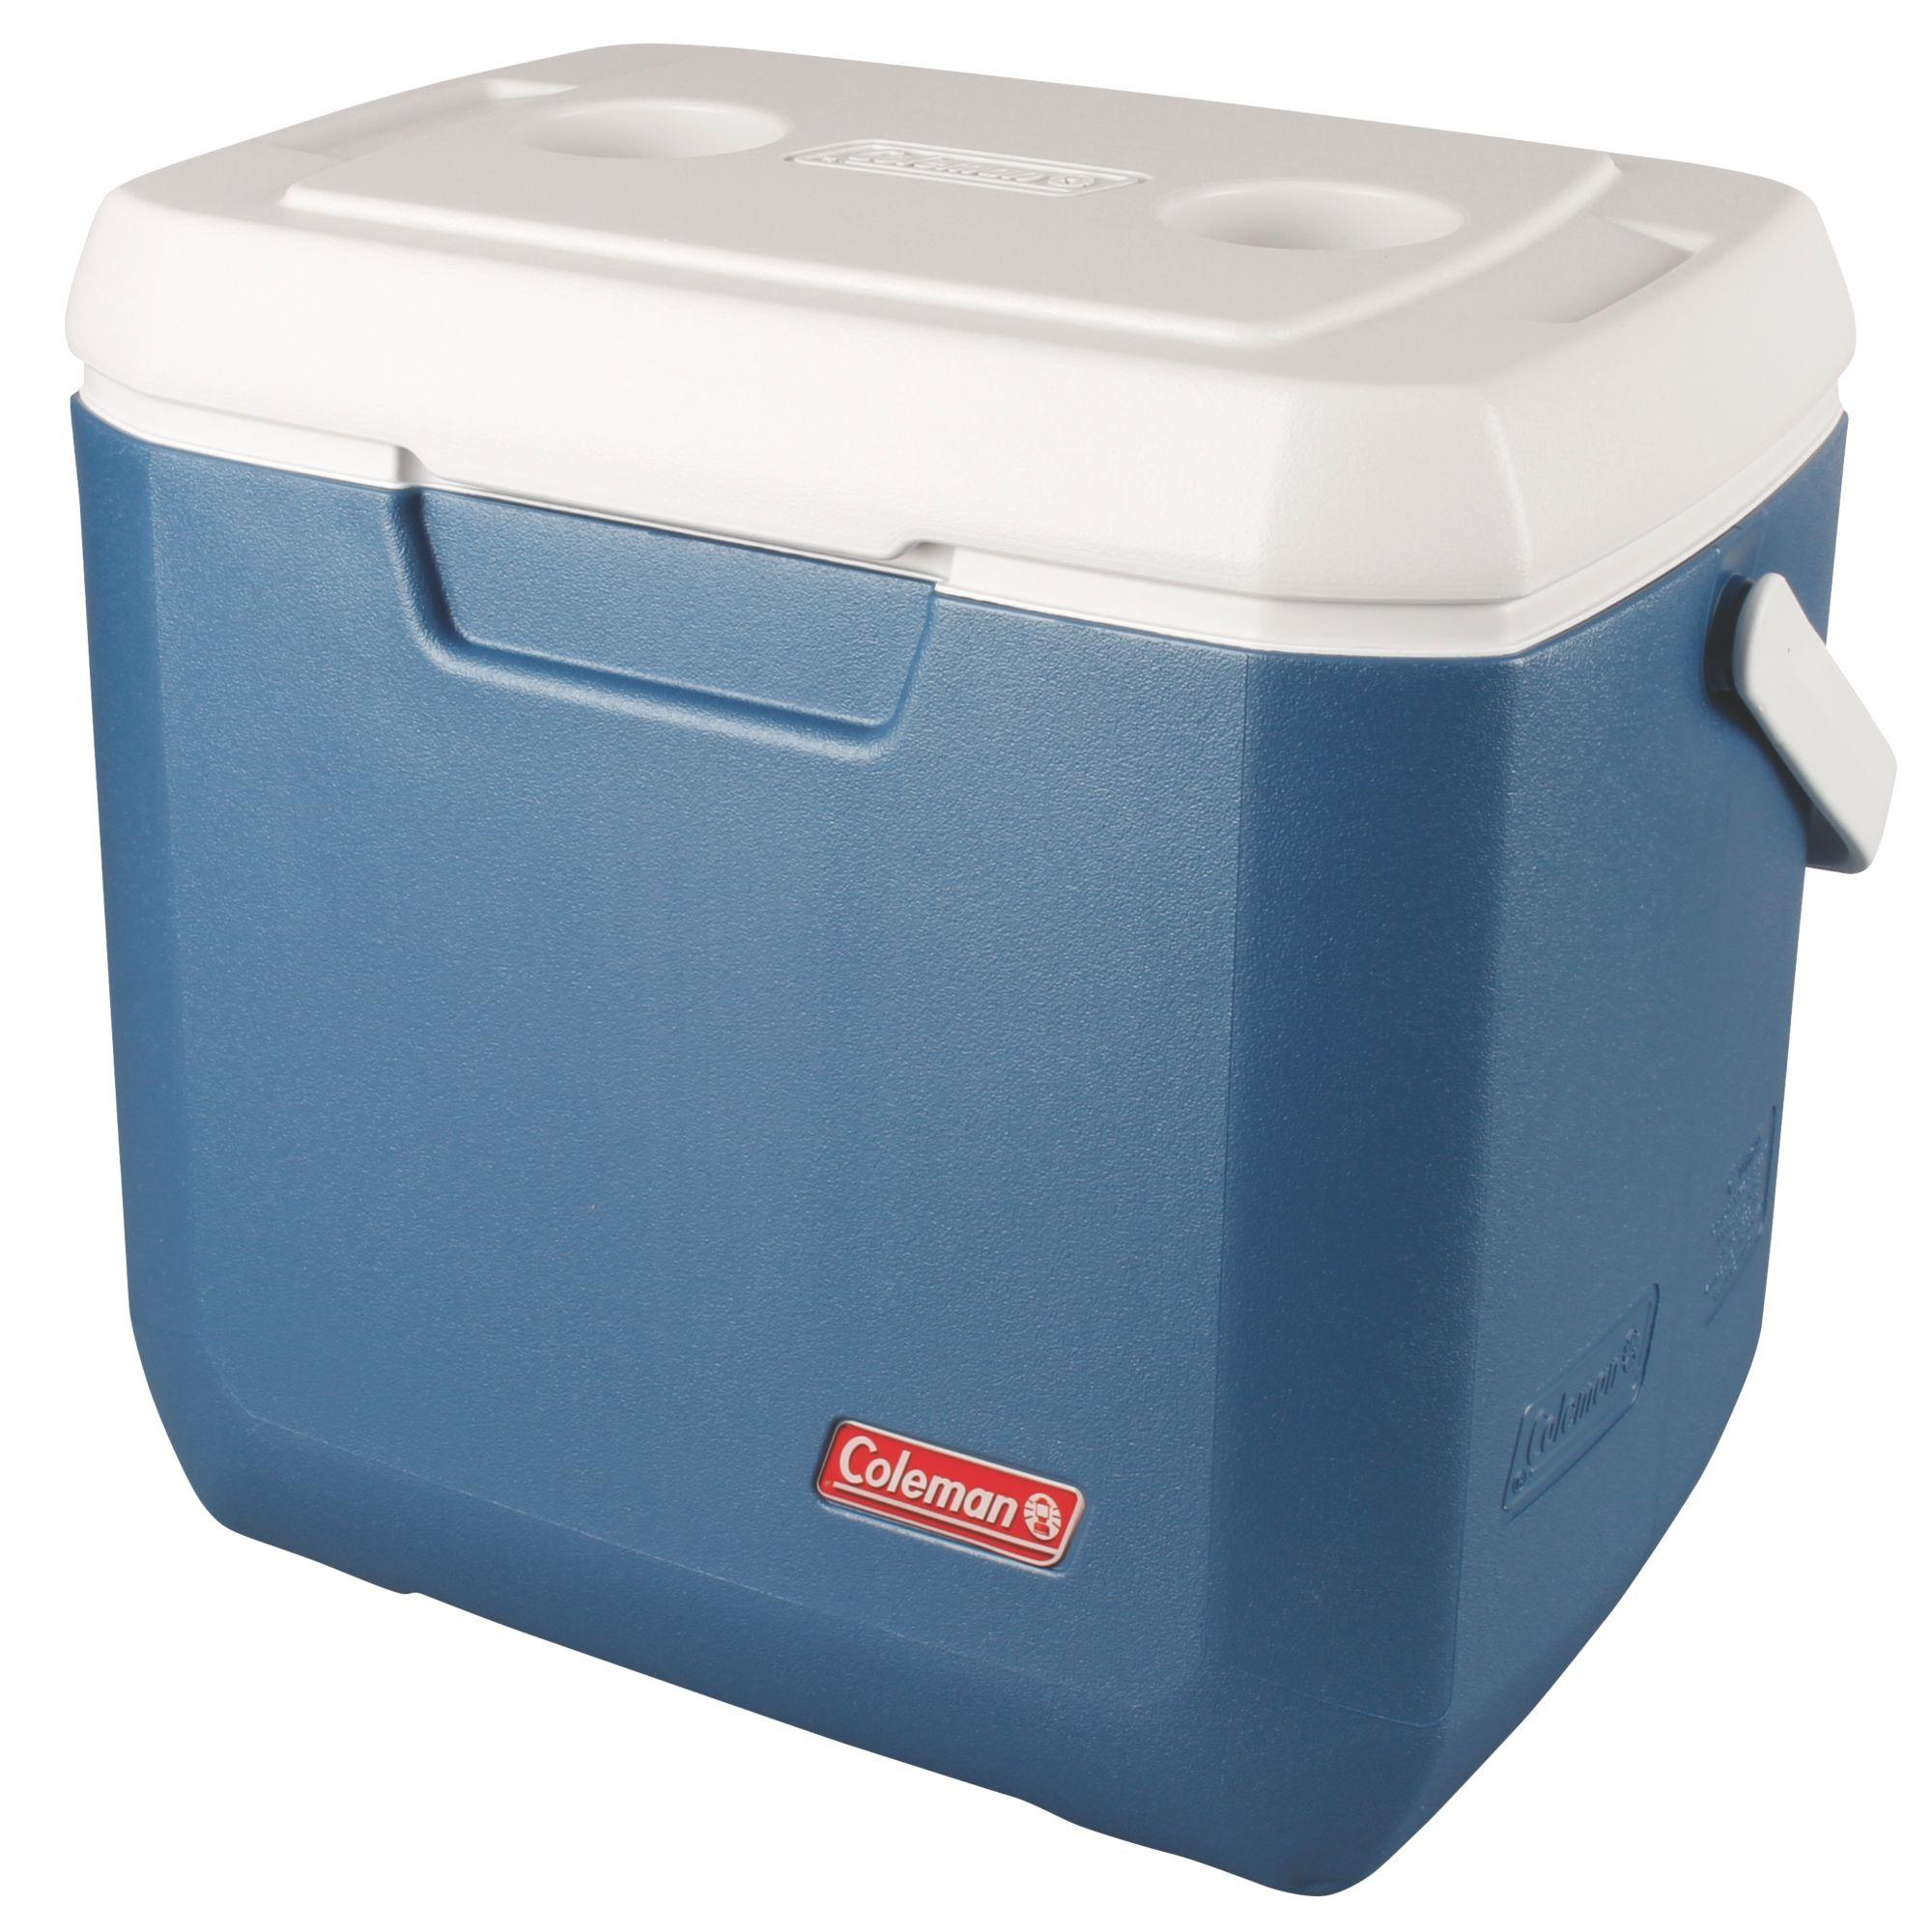 Контейнер изотермический Coleman 28 QUART XTREME BLUE (26.5 литров) цена